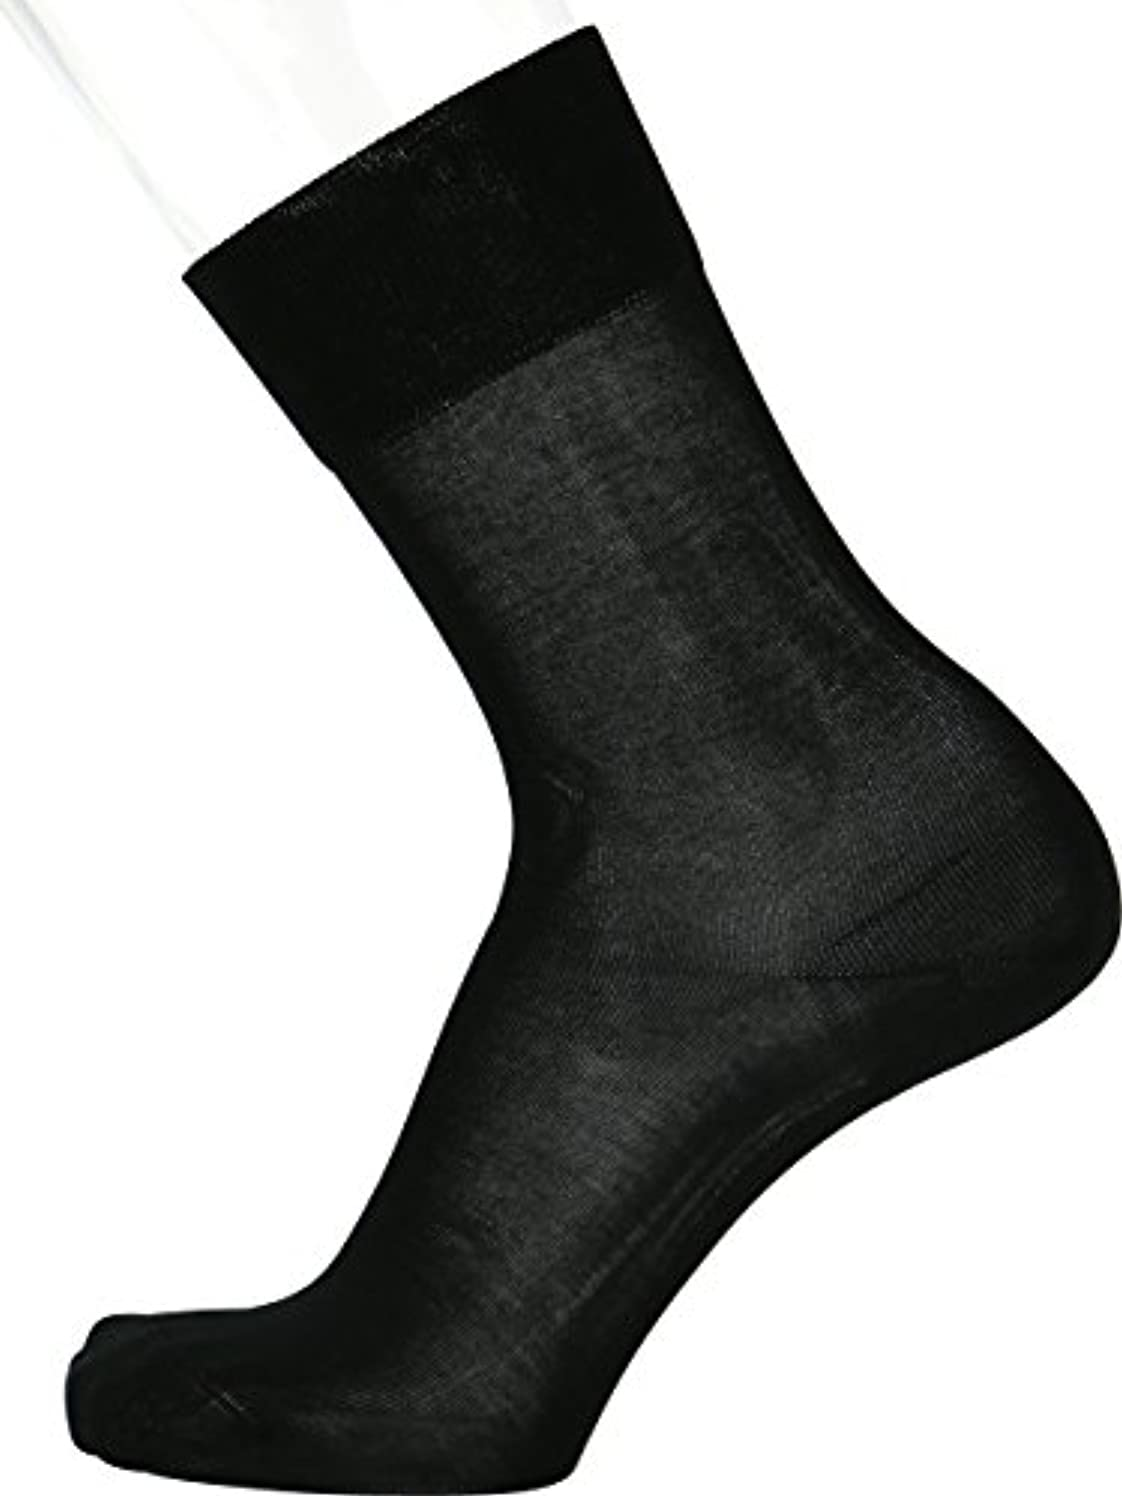 適応する学者宿泊施設(ナイガイ)NAIGAI フォーマルソックス 冠婚葬祭 礼装用 紳士靴下 綿100%